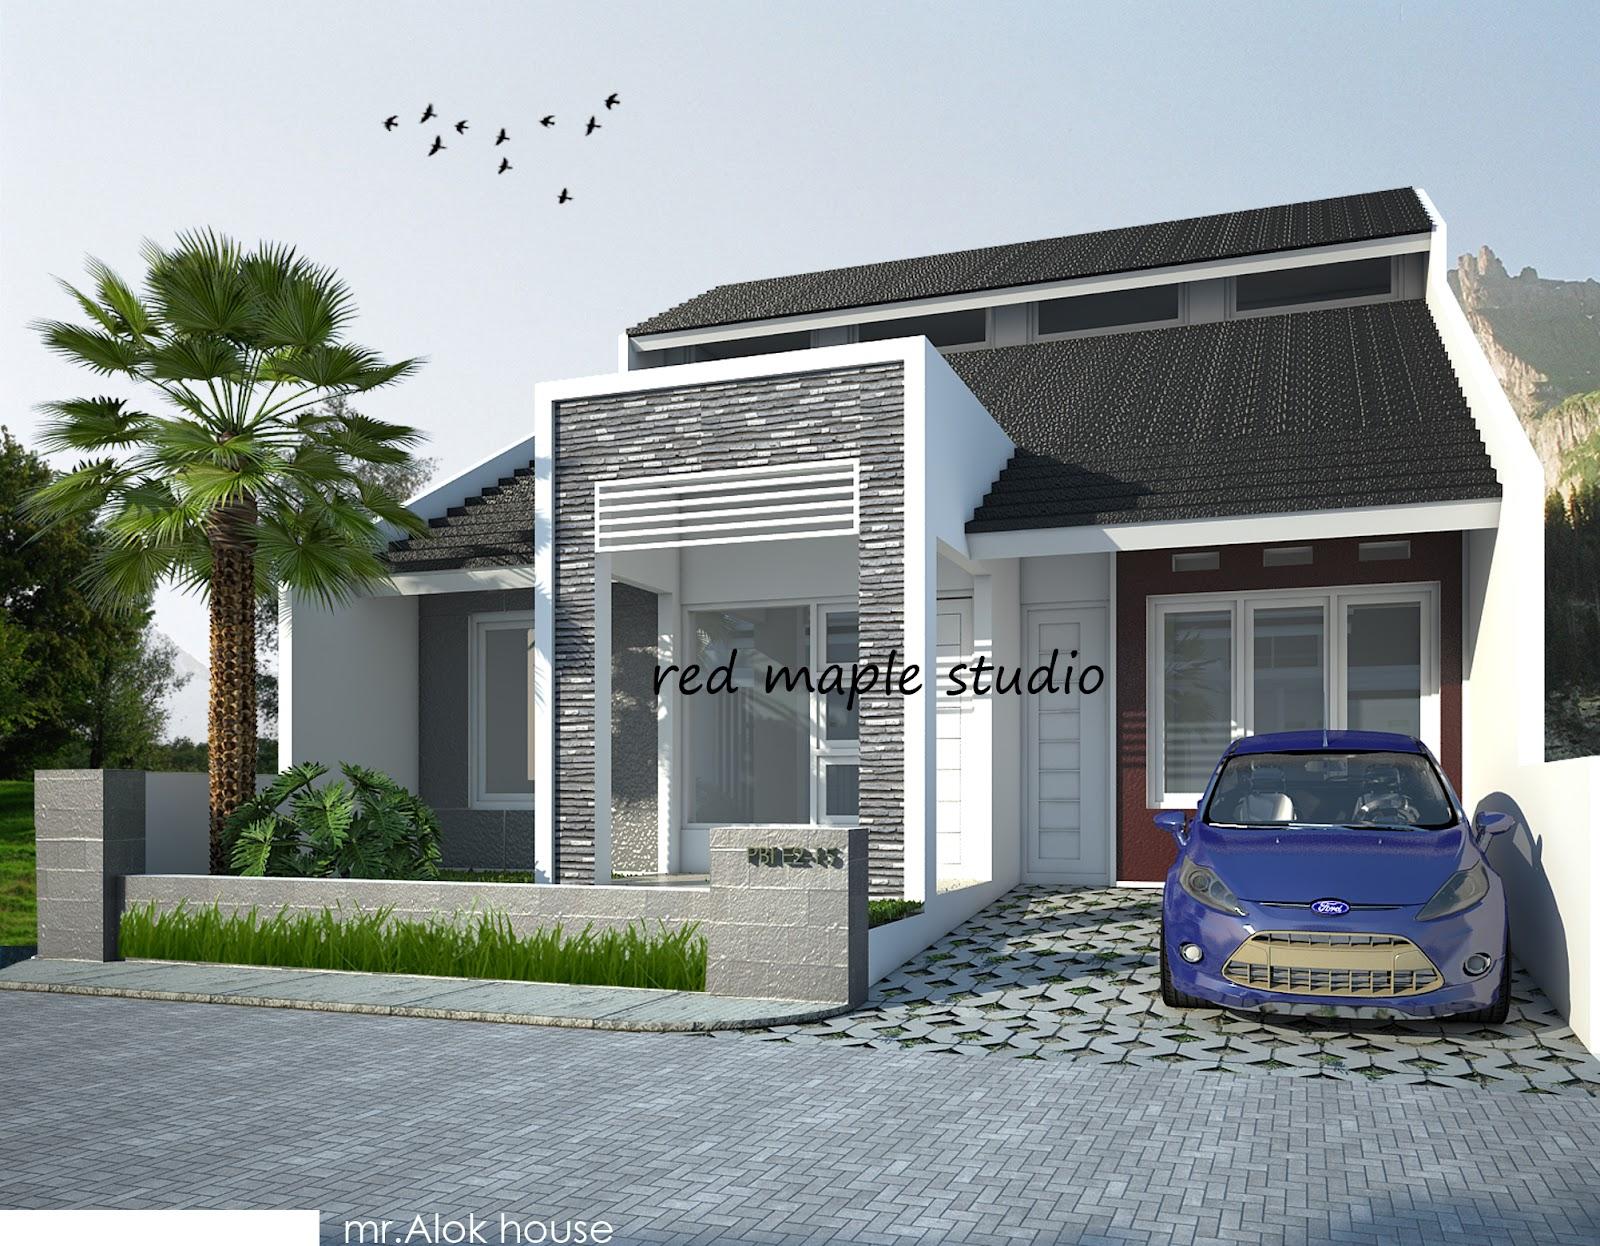 red maple studio desain rumah tinggal pbi malang